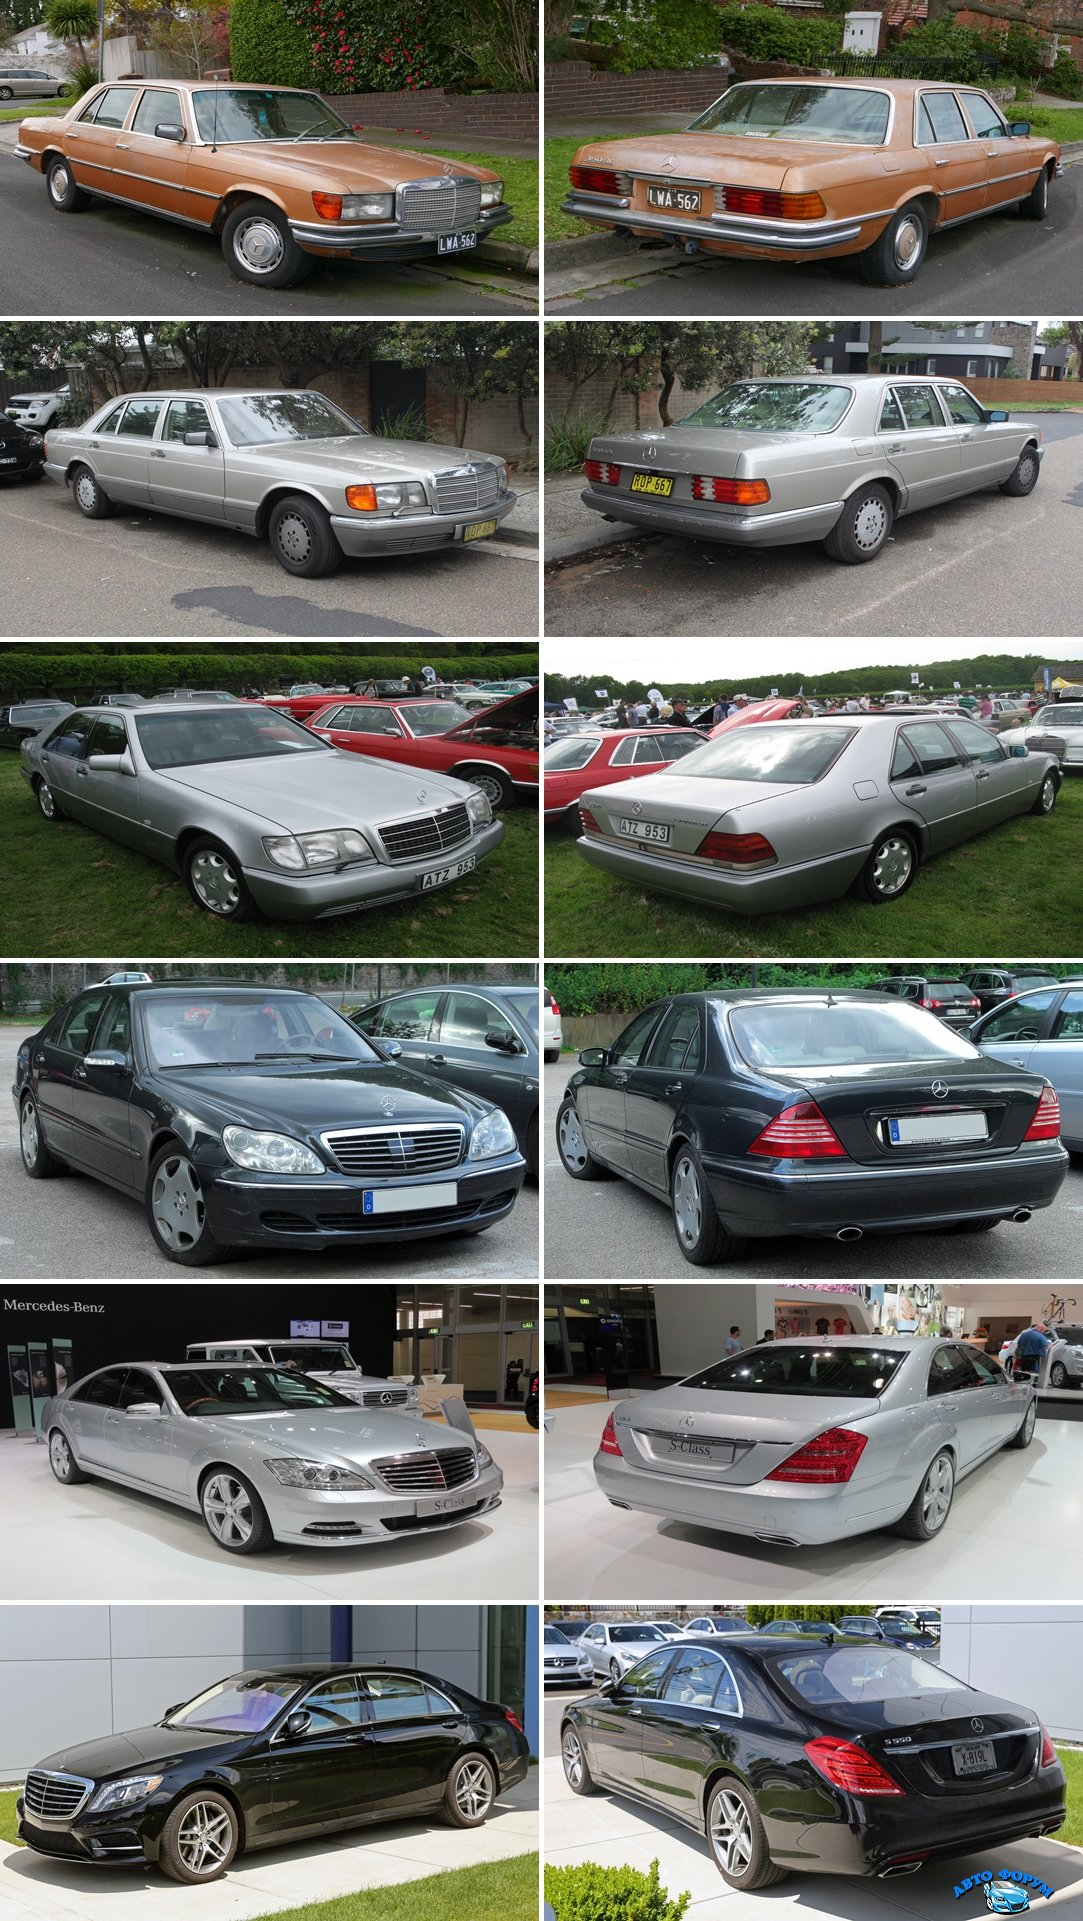 Mercedes-Benz_S-Class_timeline.jpg